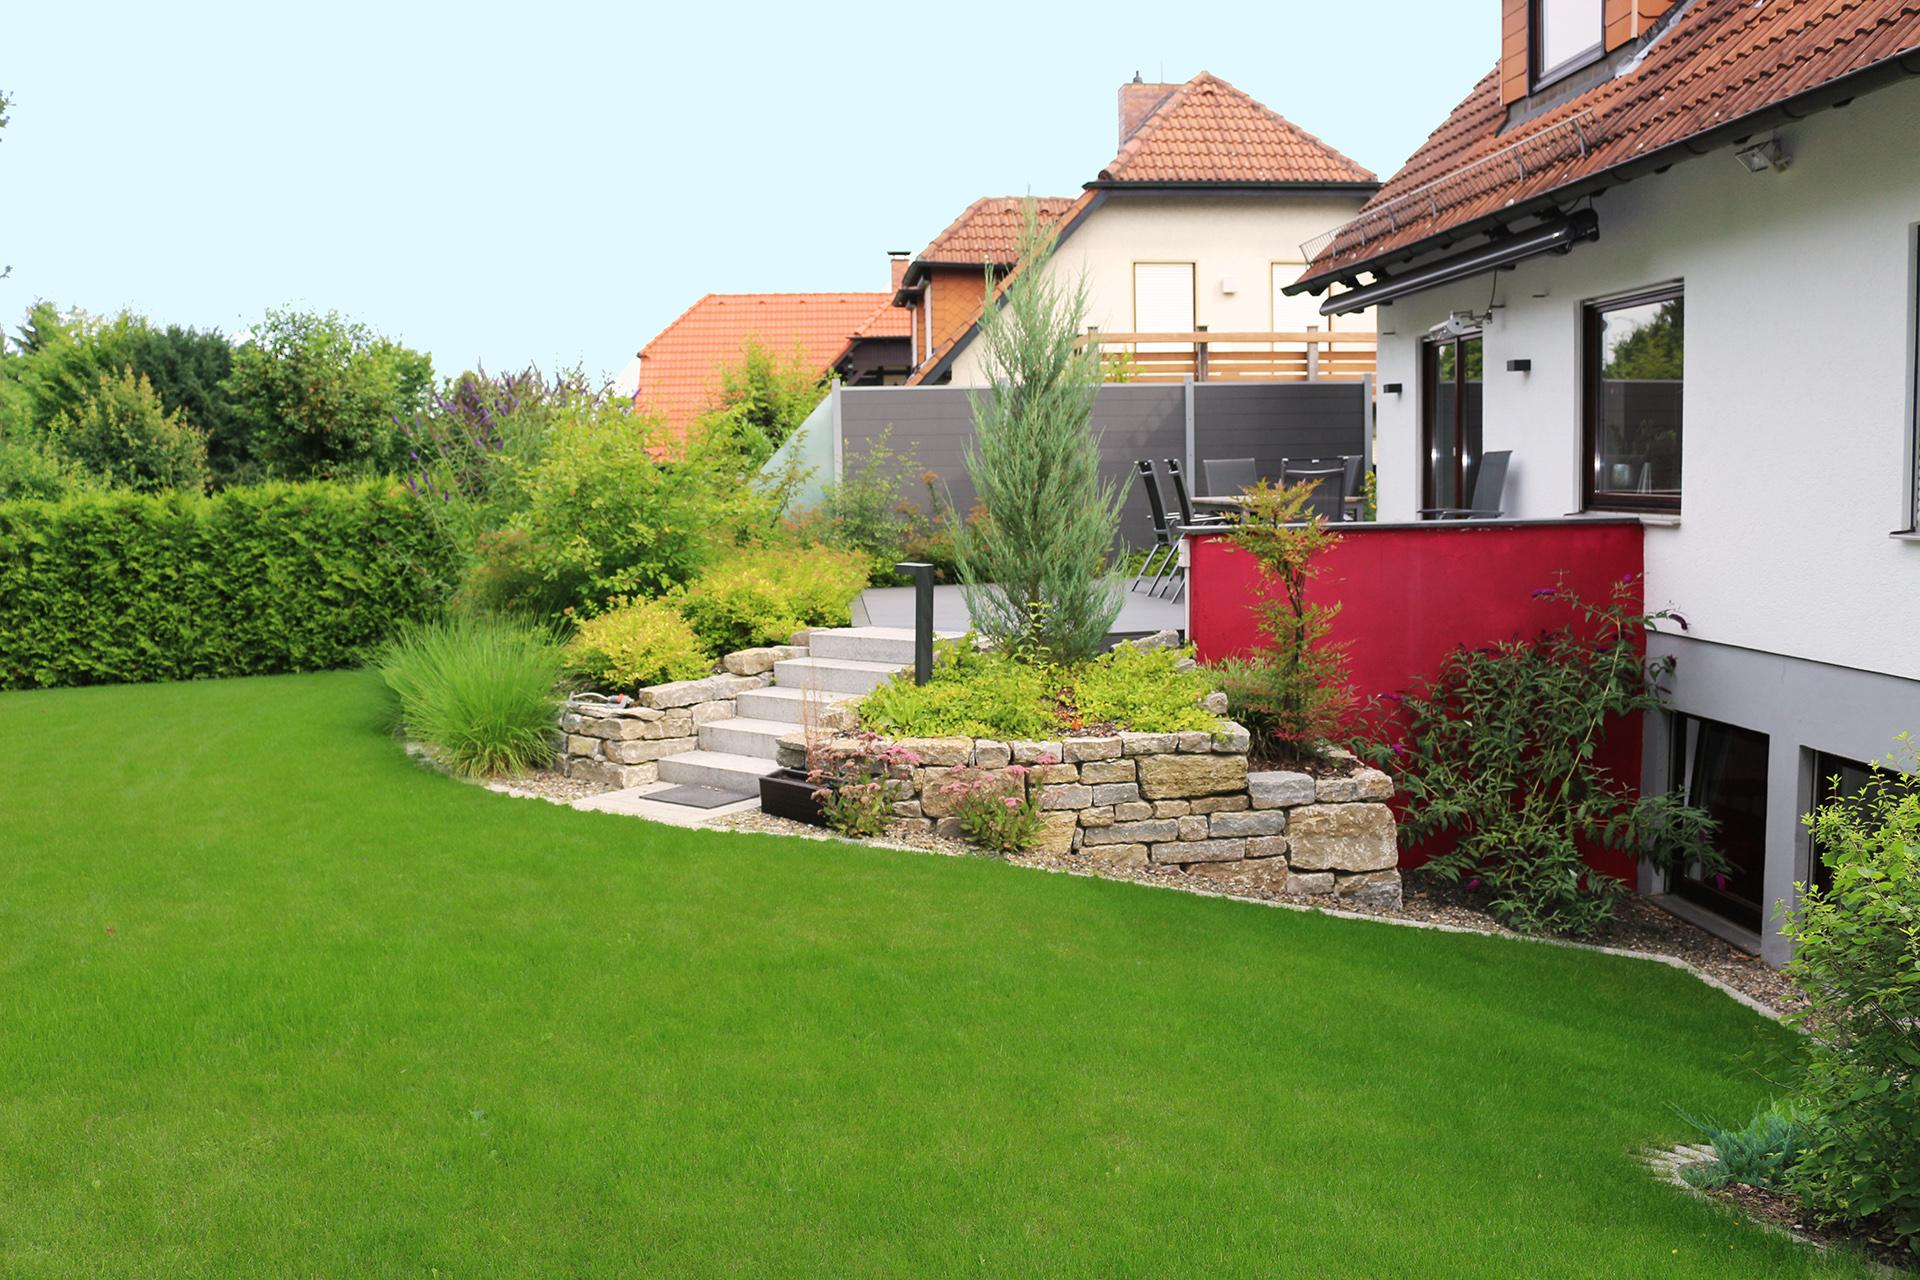 Terrasse mit Trockenmauer.